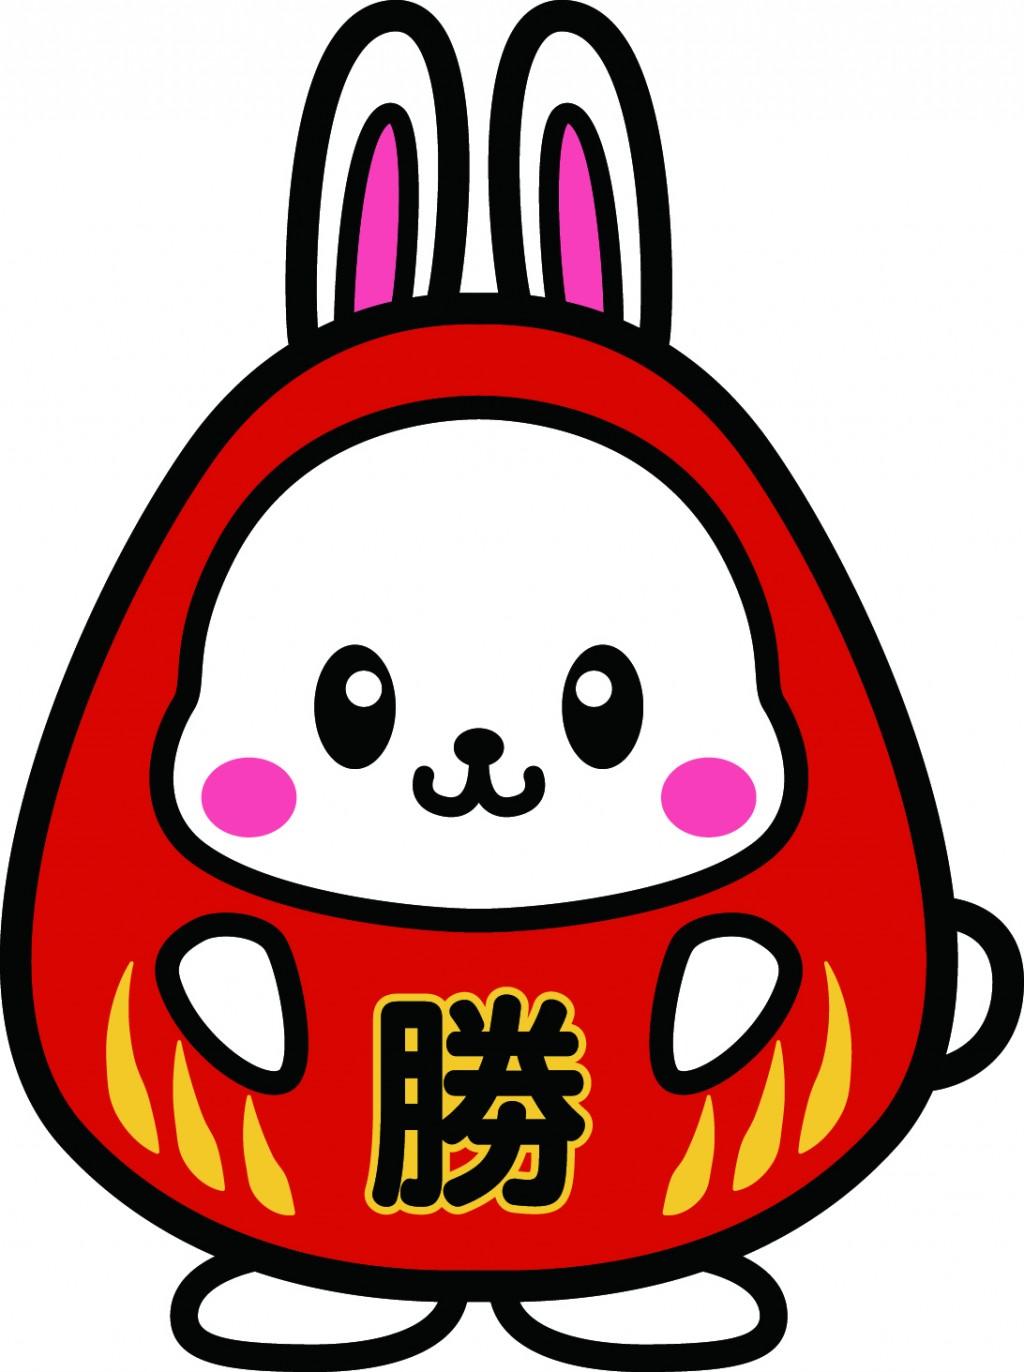 CG啓明館オリジナルキャラクター『ウサおこし』です!カワイイ顔して粘り強い。何度でも起き上がってがんばるみんなを応援し続けます!在籍生の皆さんによる総選挙で選ばれました。